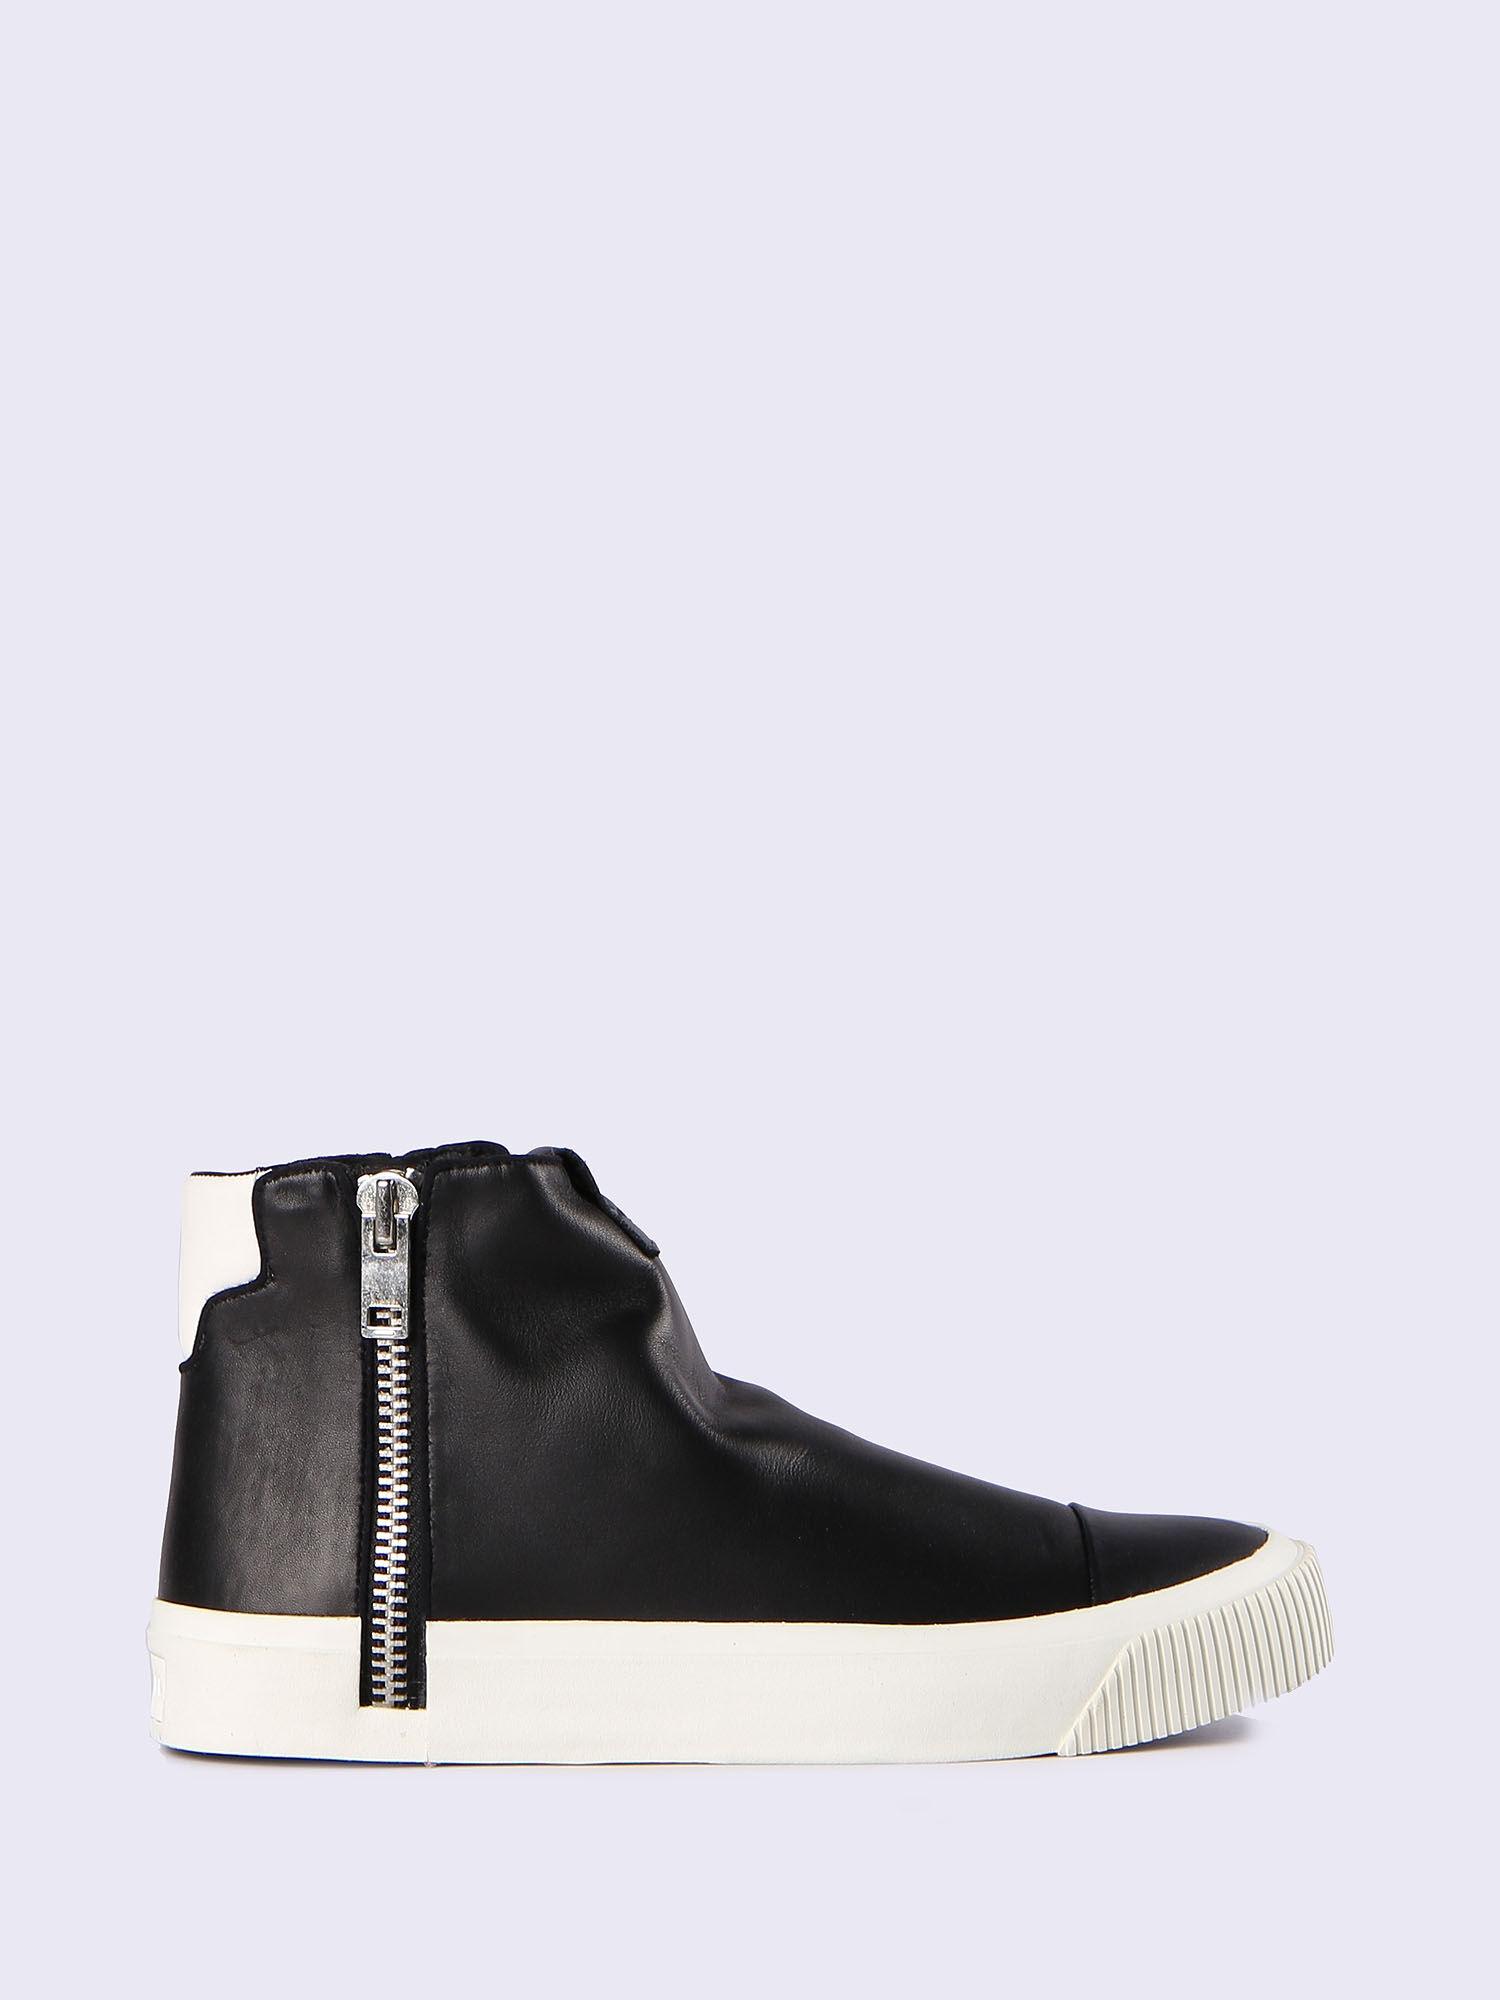 S-FURYY Sneakers Spring/summerDiesel d09nAgV